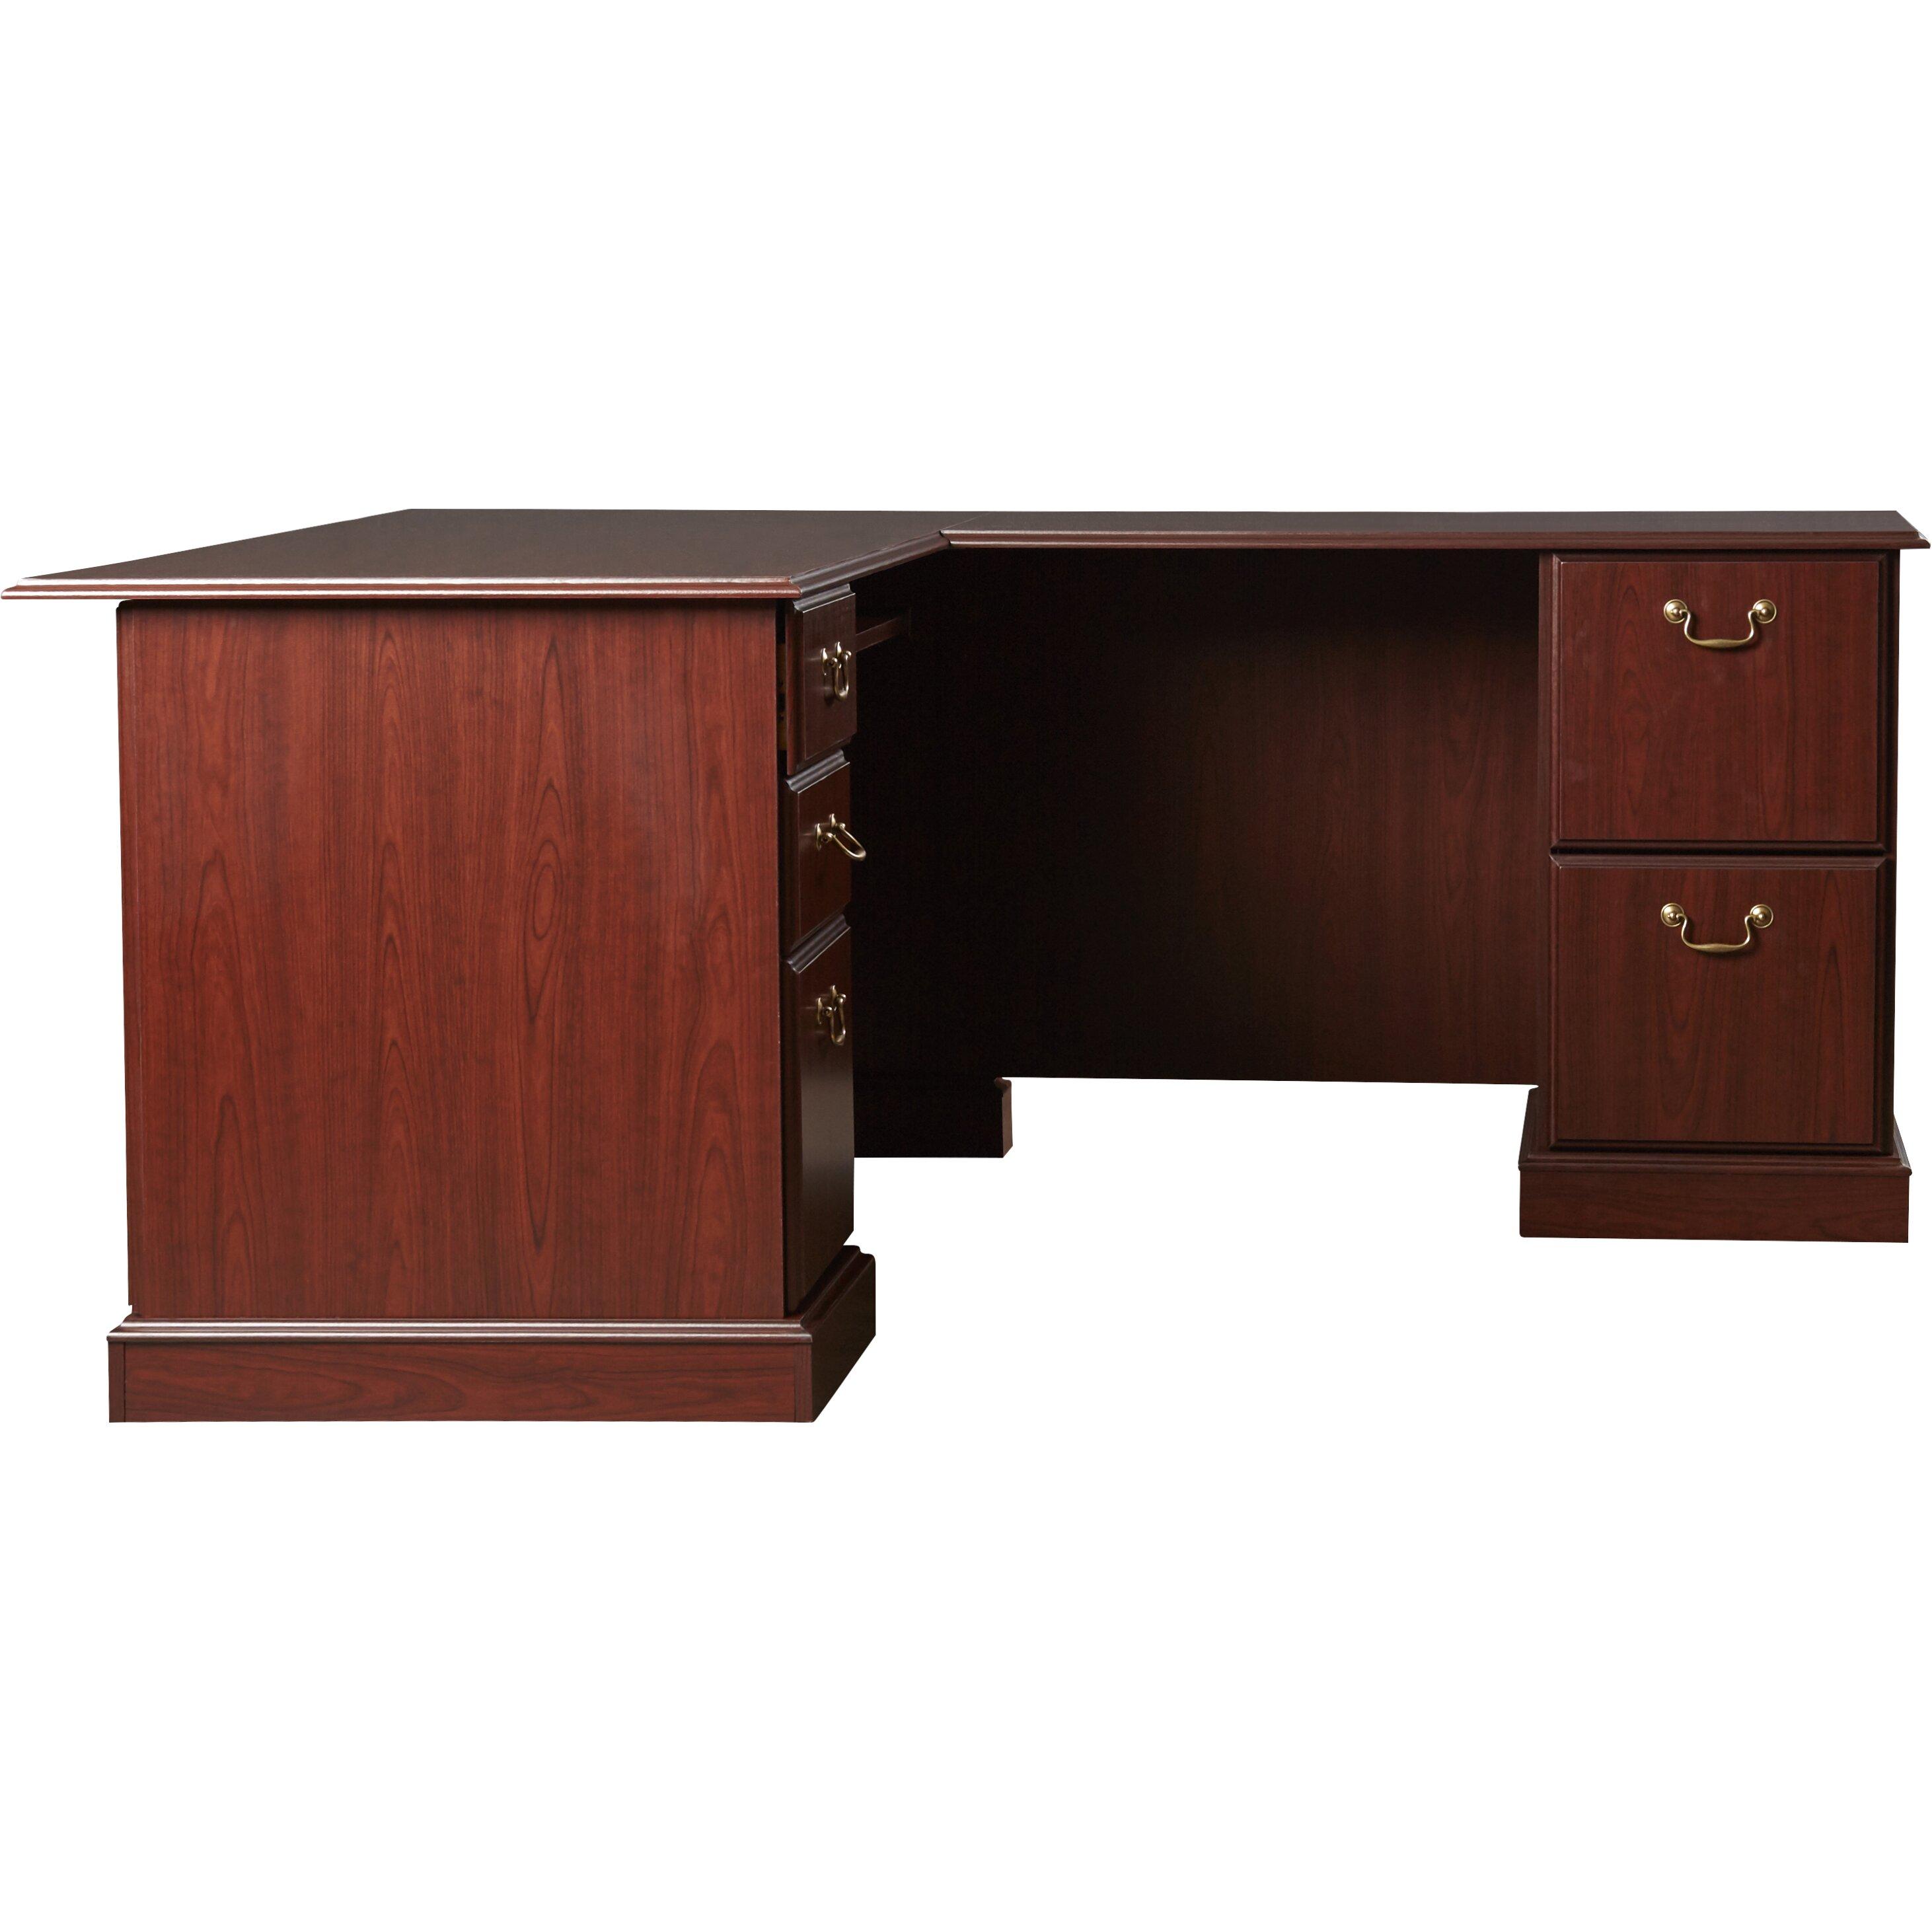 Astoria Grand Cowdray 71 Quot L Shaped Executive L Desk